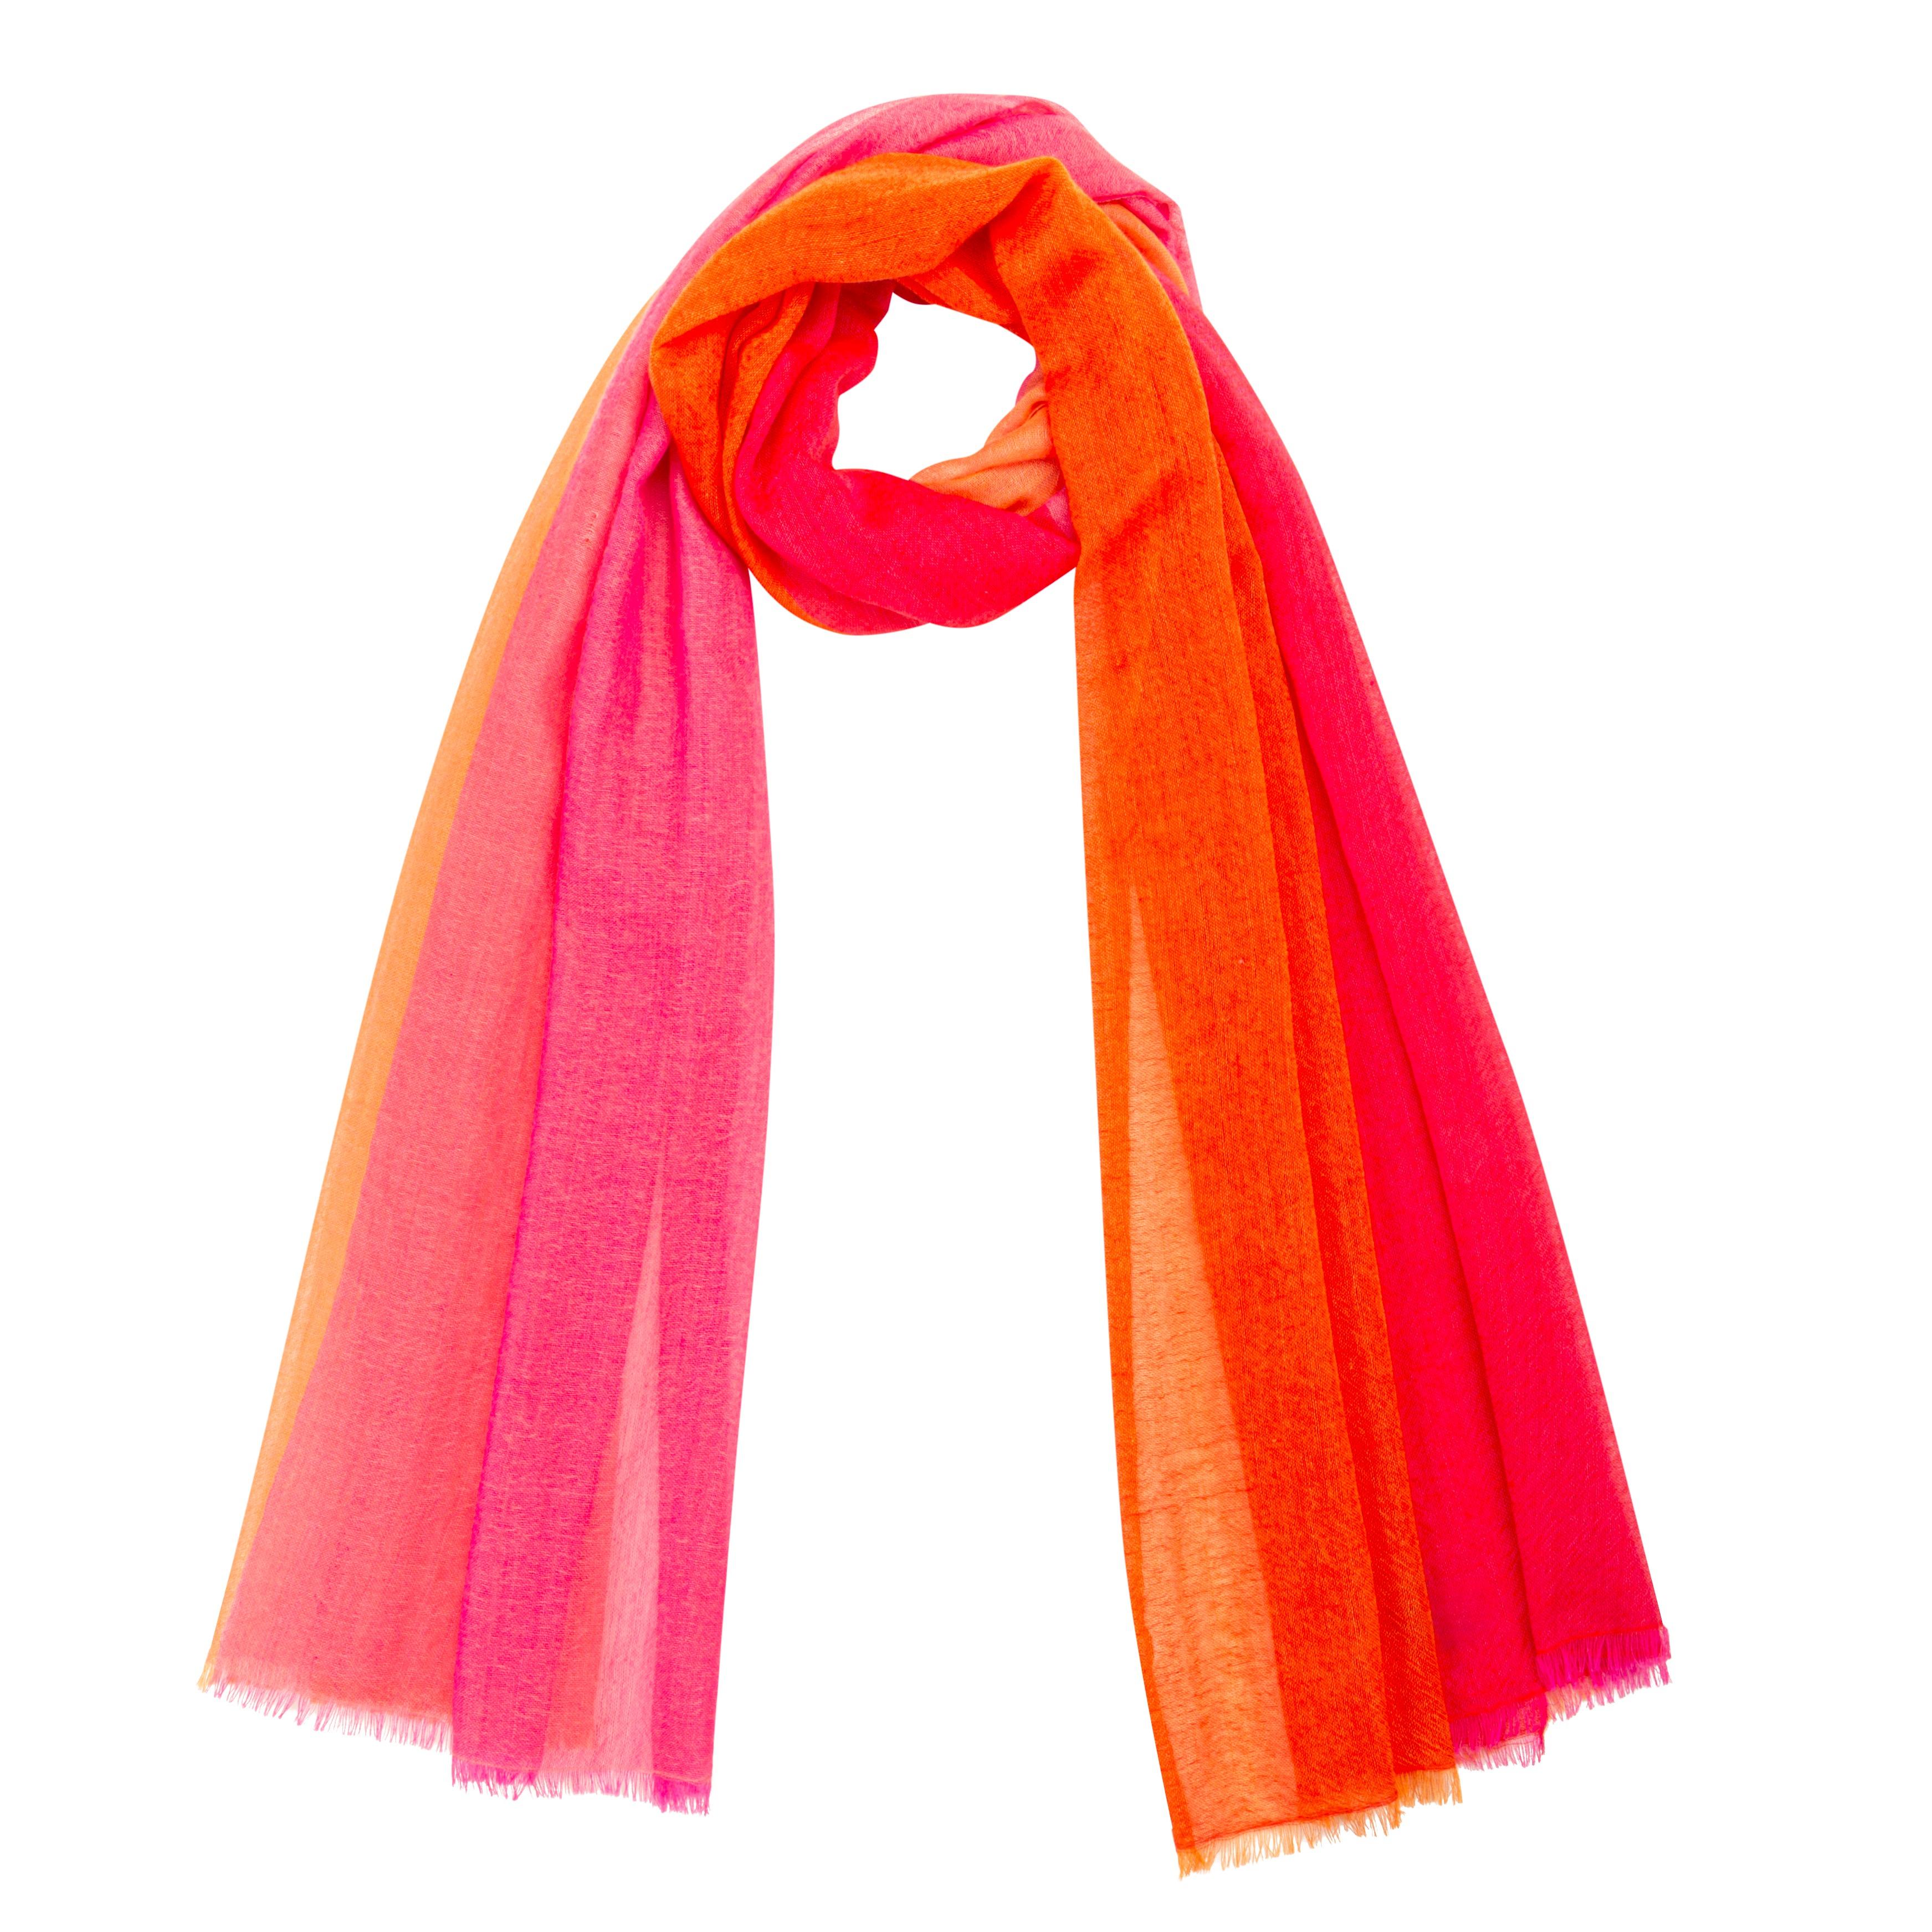 Fuchsia Pink Super Super Soft Cashmere Wrap//Scarf